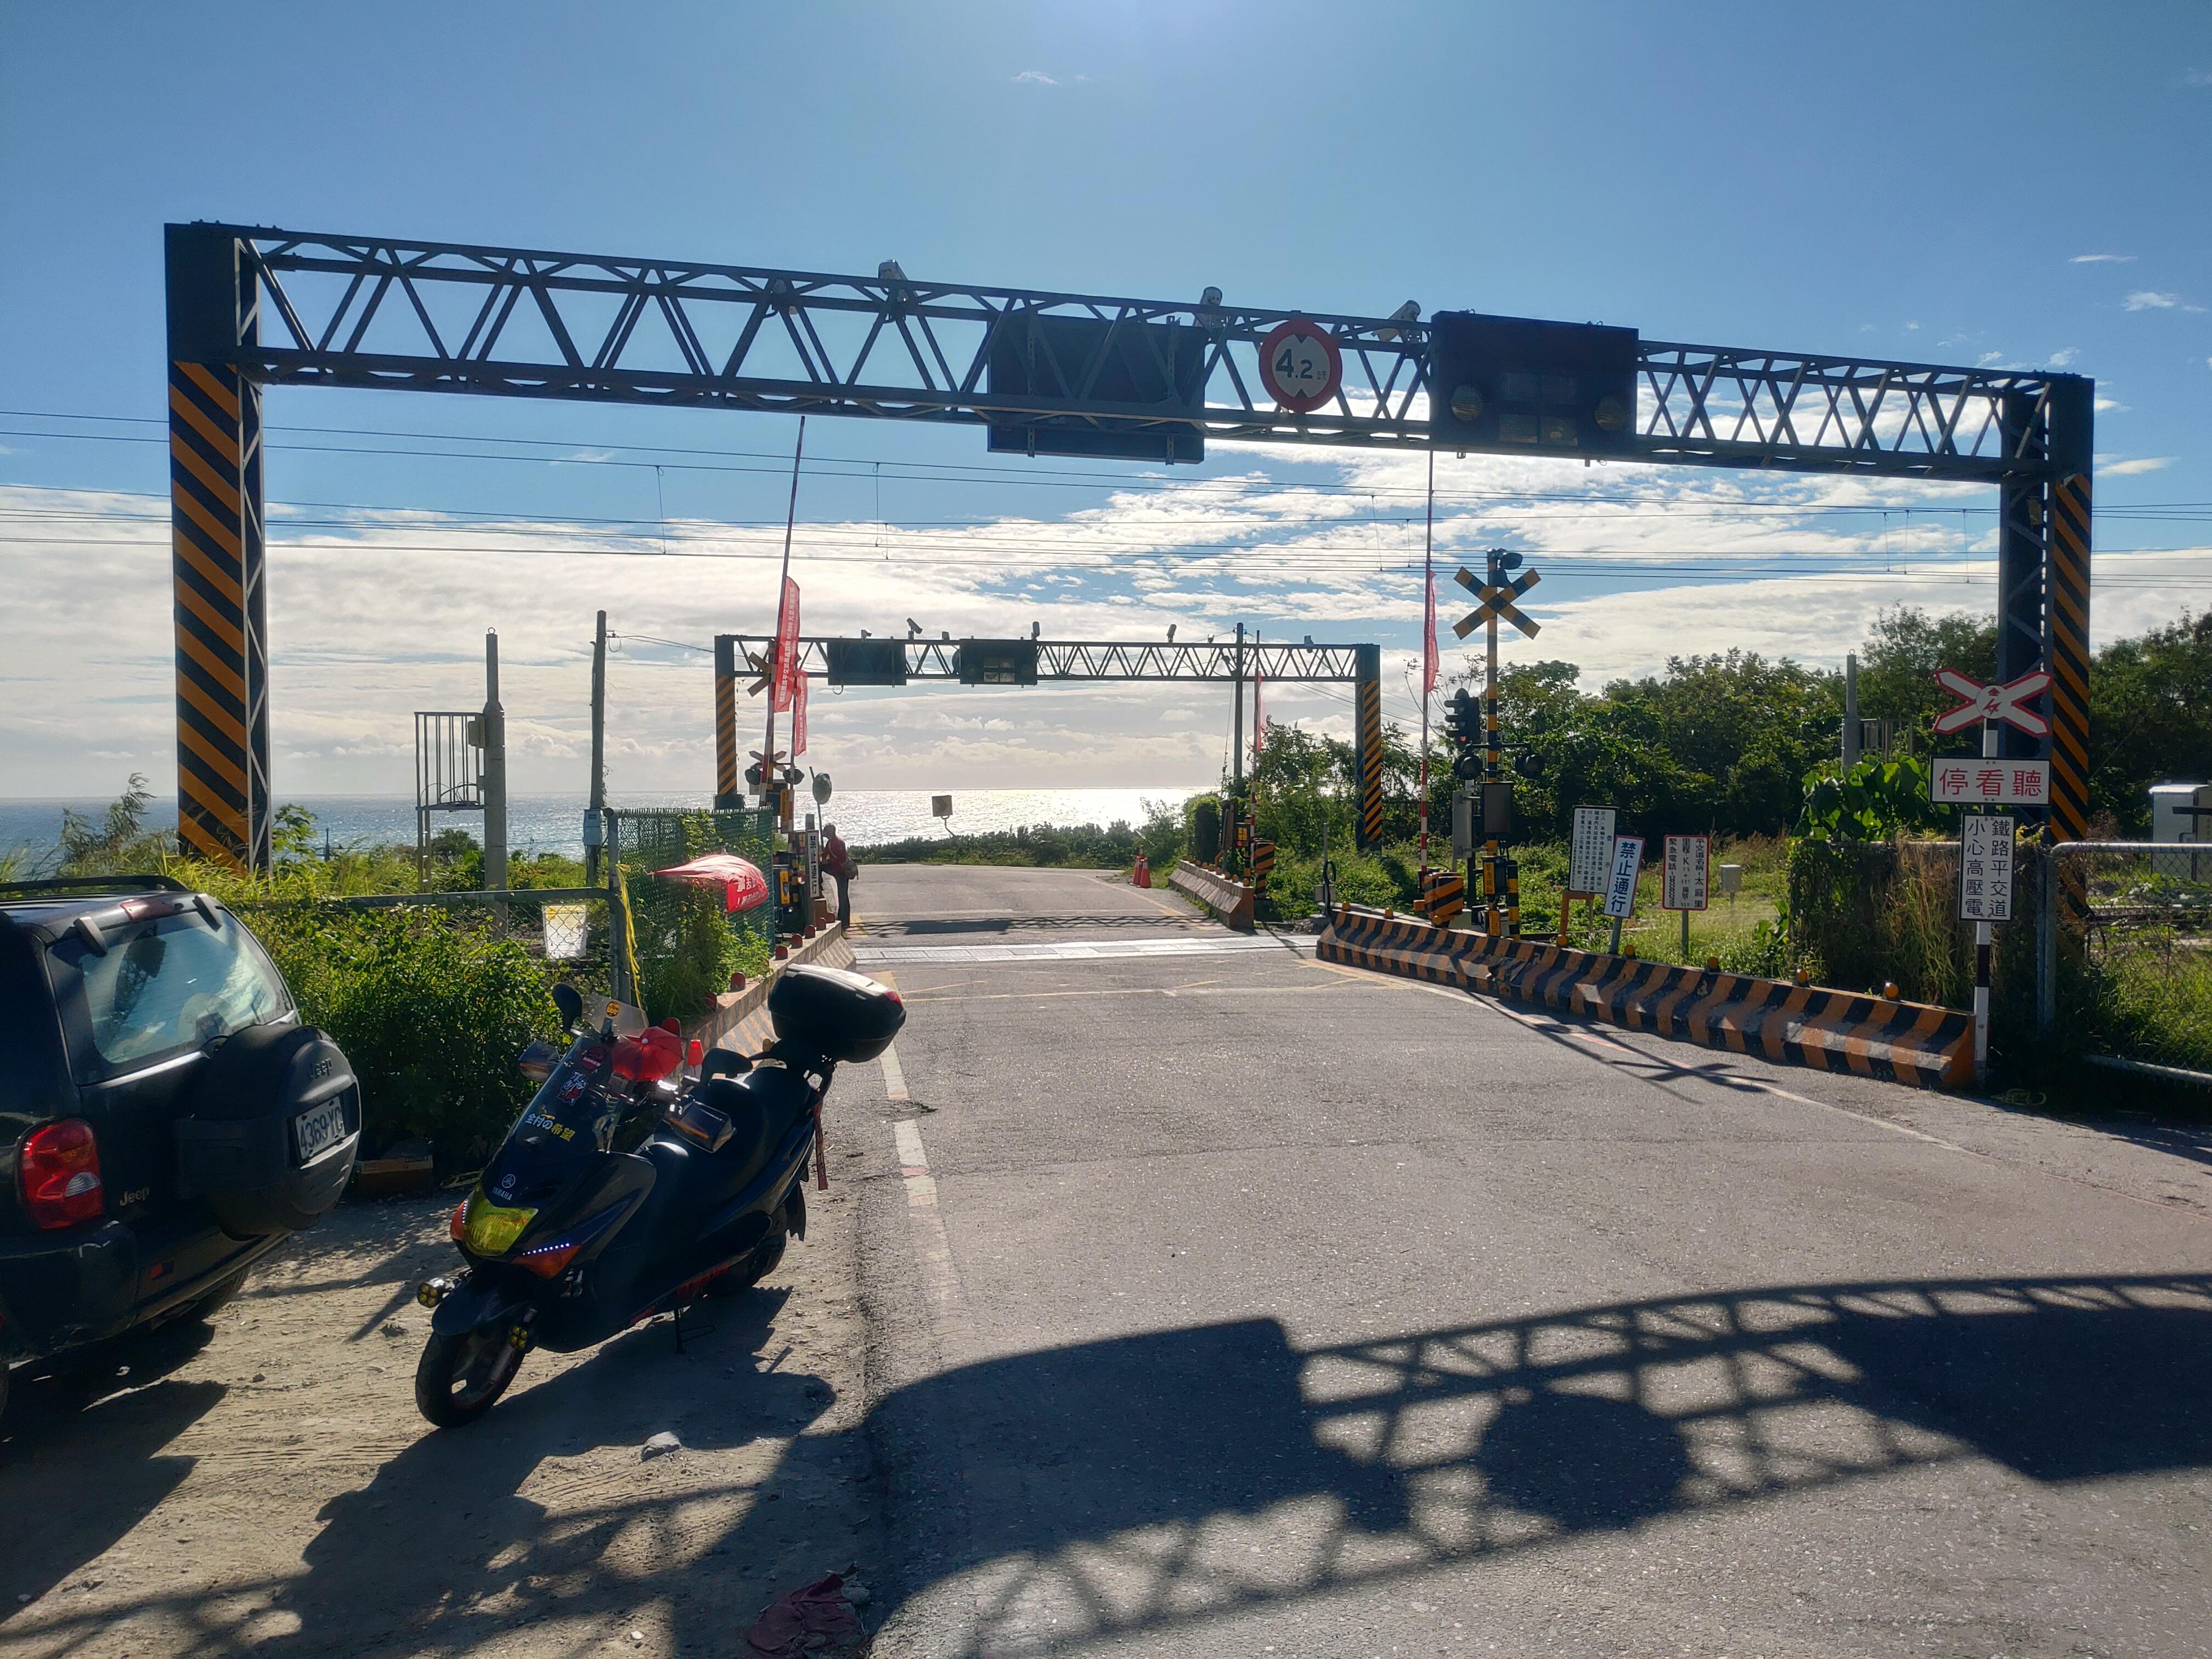 5th 走!去騎摩托車吧!六天五夜山海奇行環島之旅2613